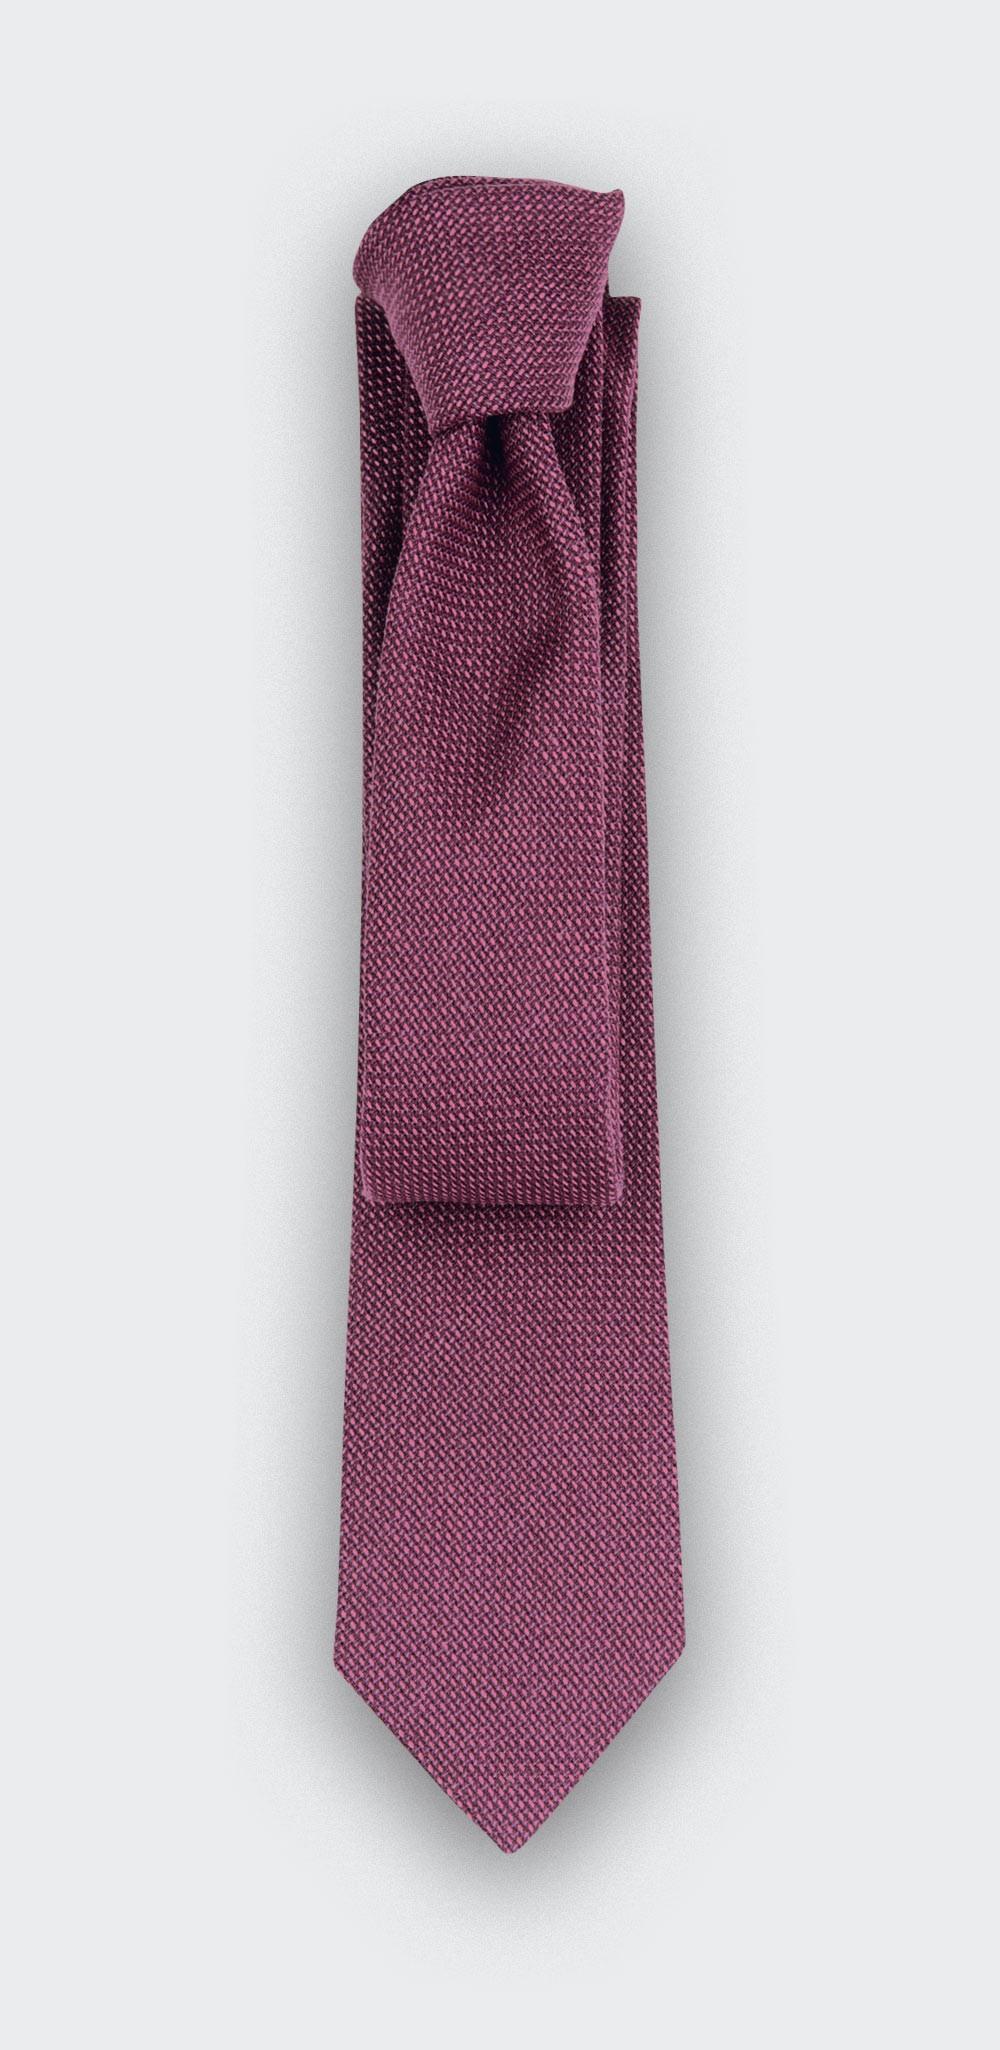 fuchsia maille tie - wool - cinabre paris